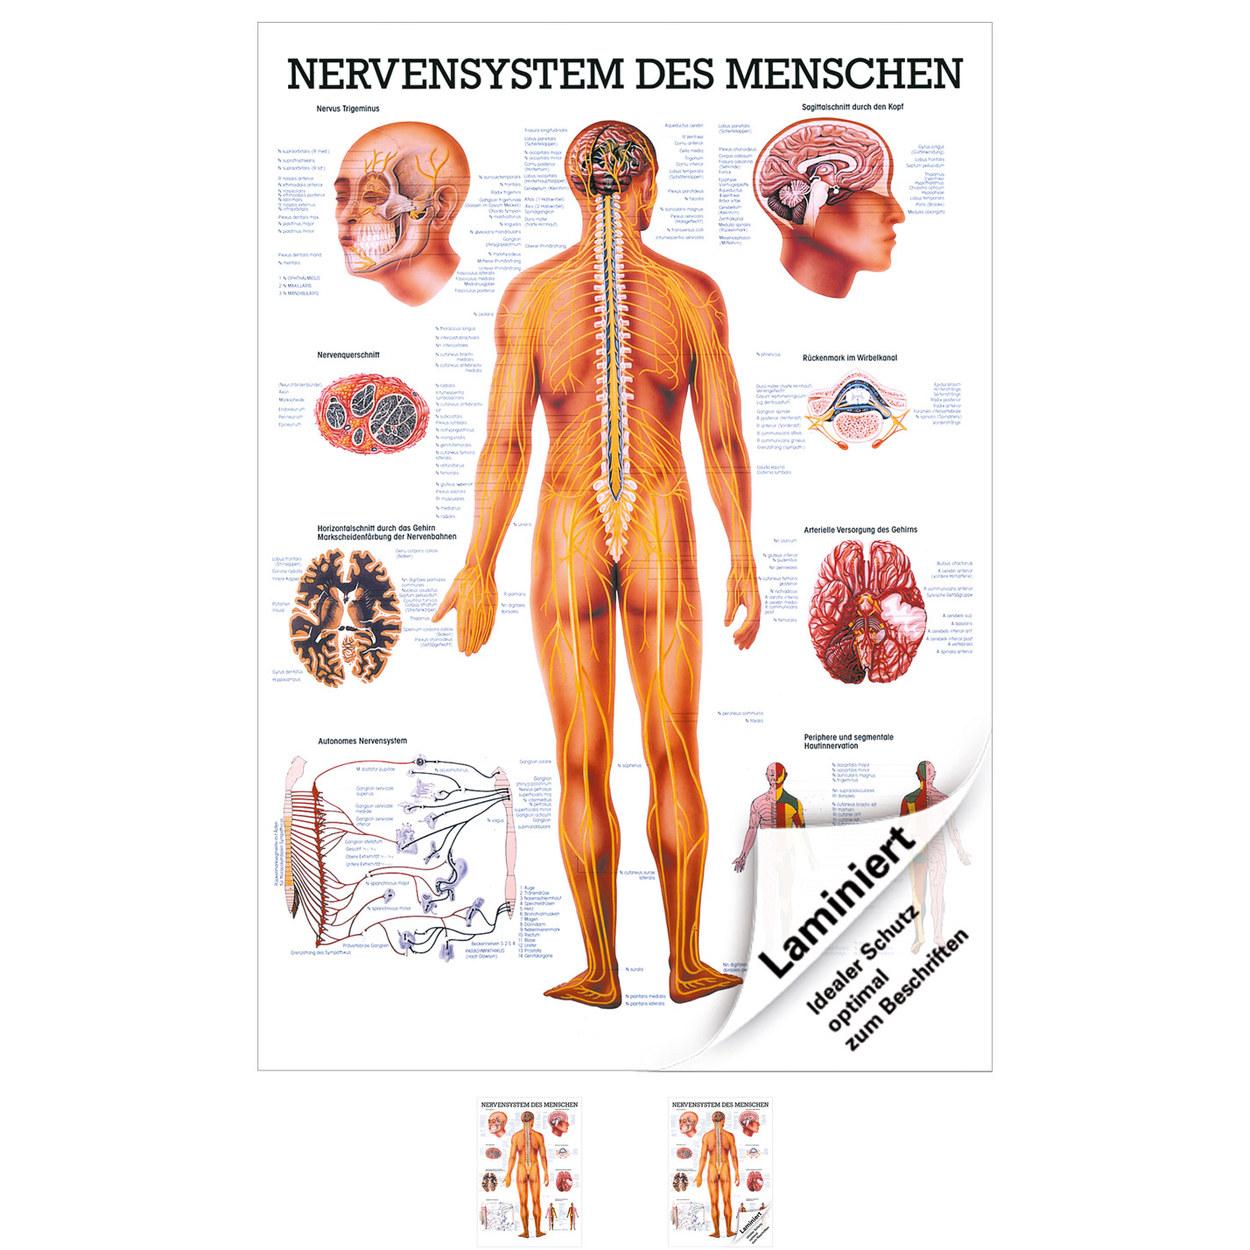 Ziemlich Anatomie Nervensystem Bilder - Menschliche Anatomie Bilder ...